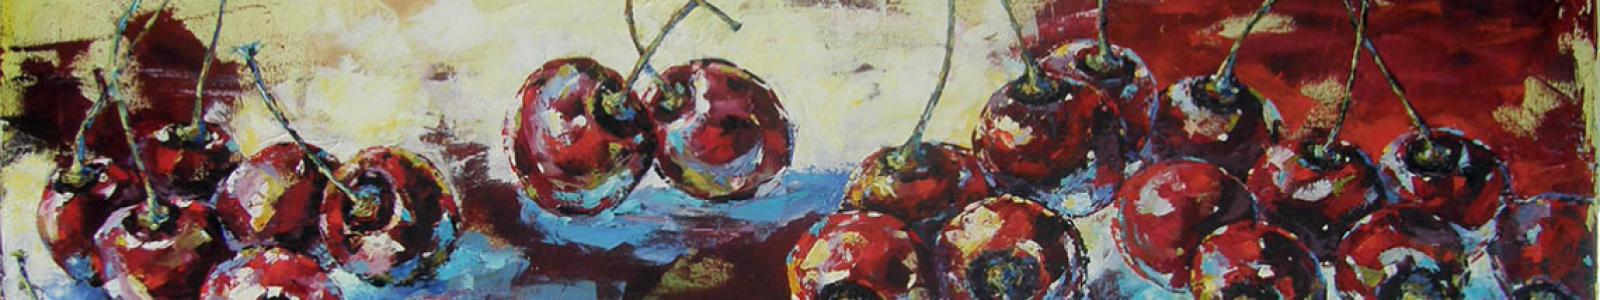 Gallery Painter Kateryna Ivonina